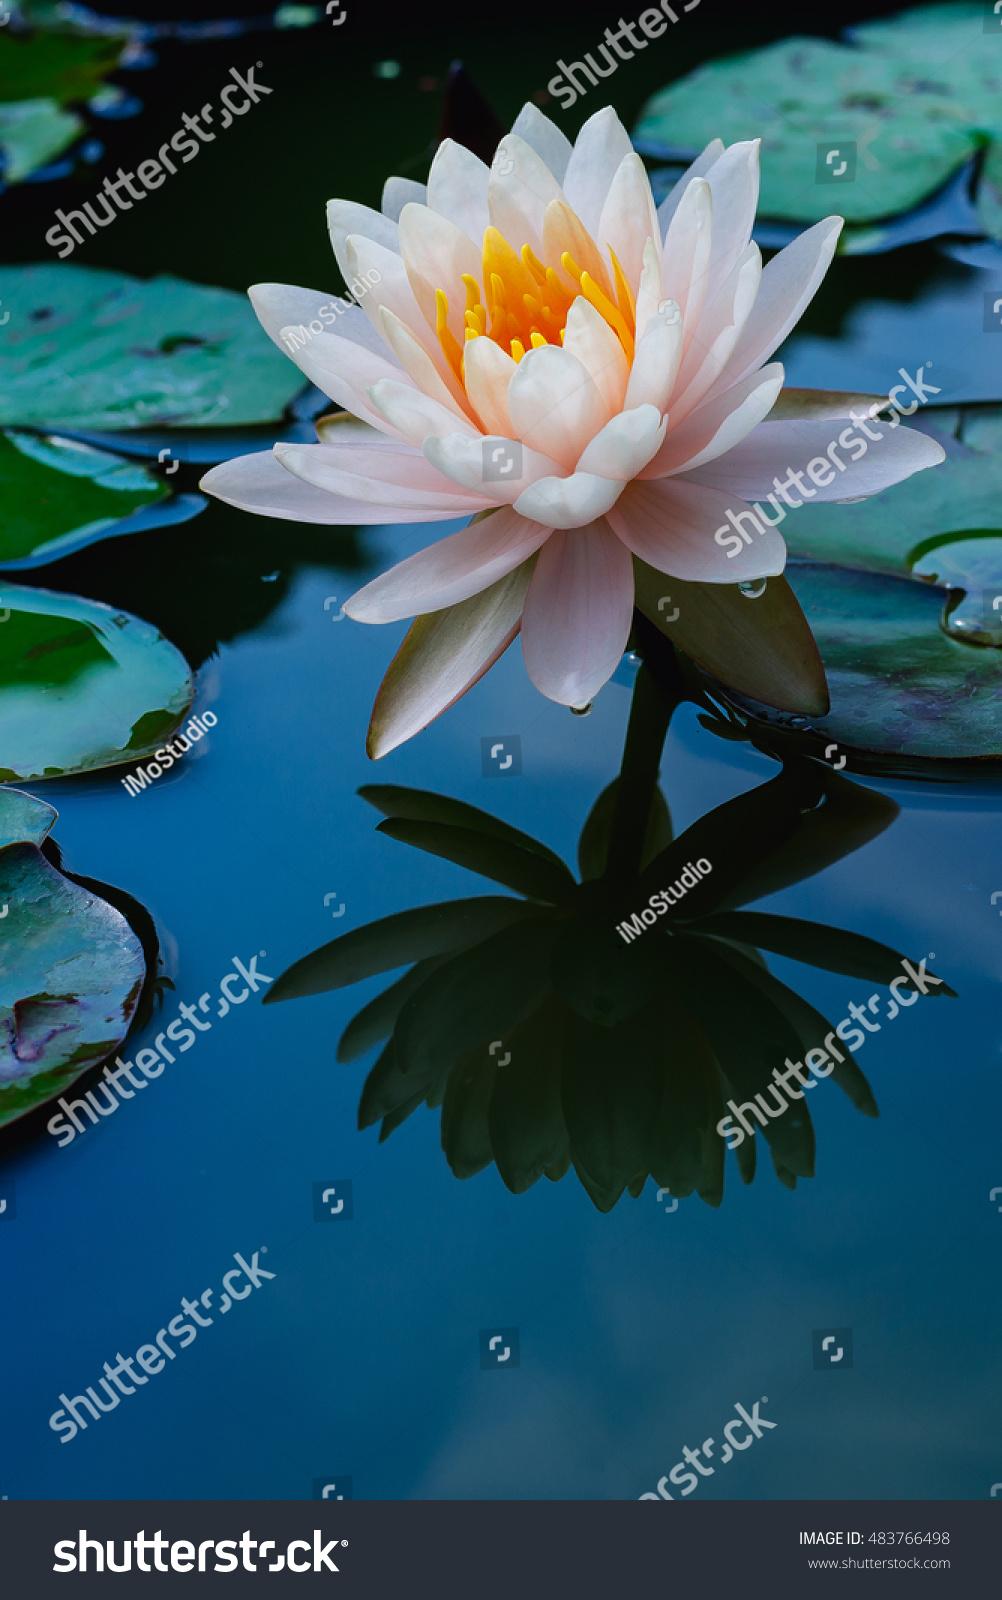 Lotus flower pondvintage tone colour stock photo edit now lotus flower in pondvintage tone colour izmirmasajfo